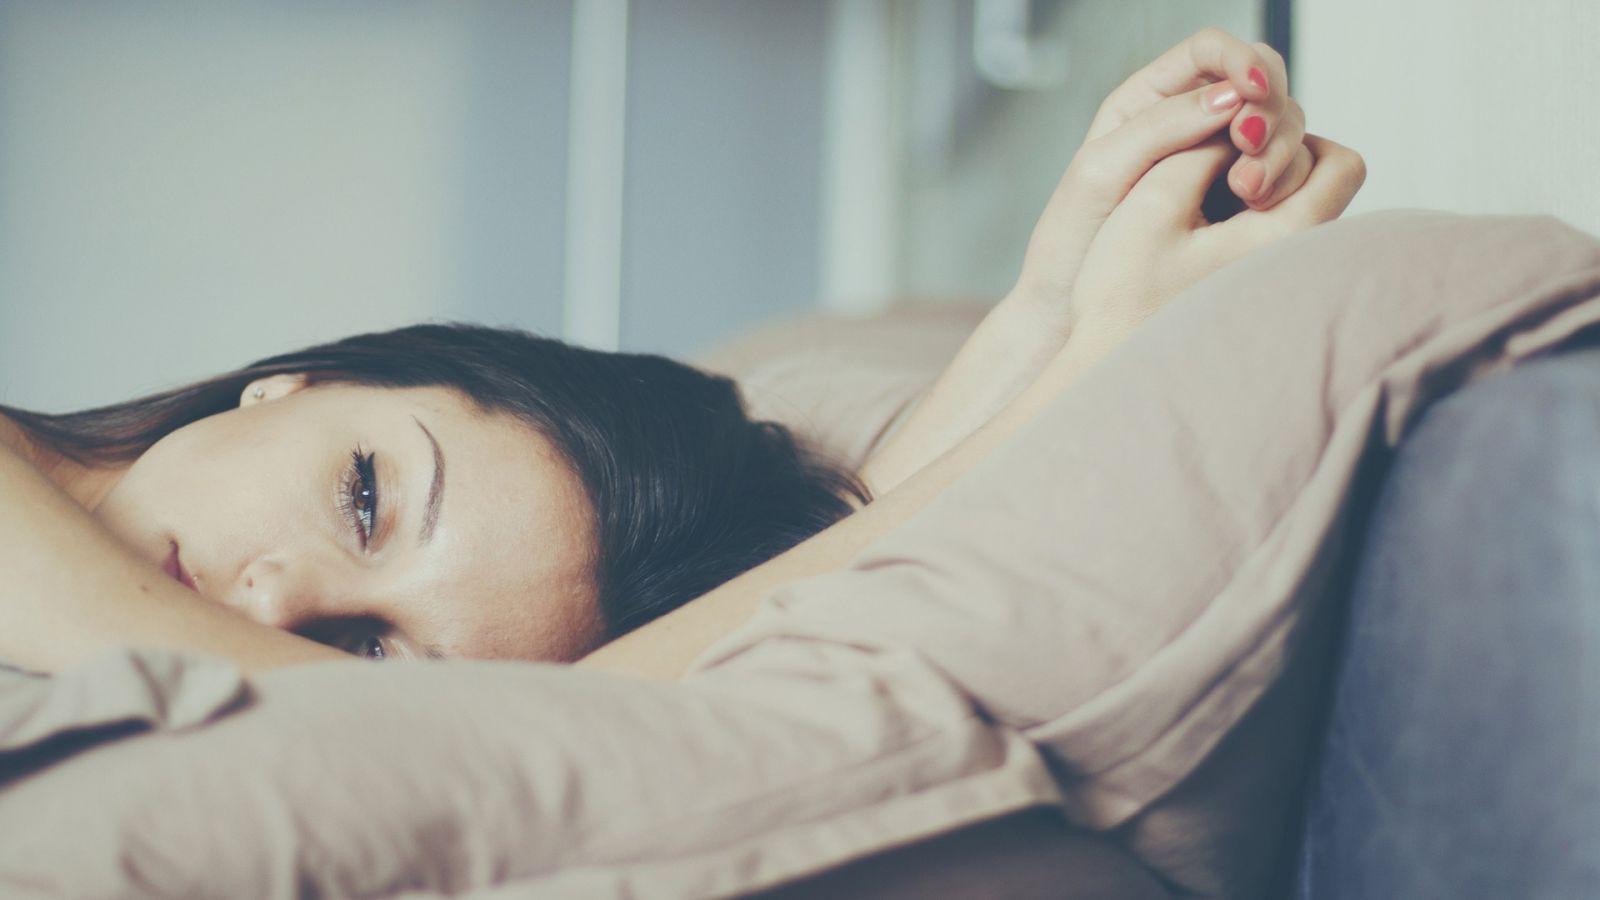 5 thói quen xấu gây suy giảm tuổi thọ mà giới trẻ thời nay mắc phải rất nhiều - Ảnh 2.